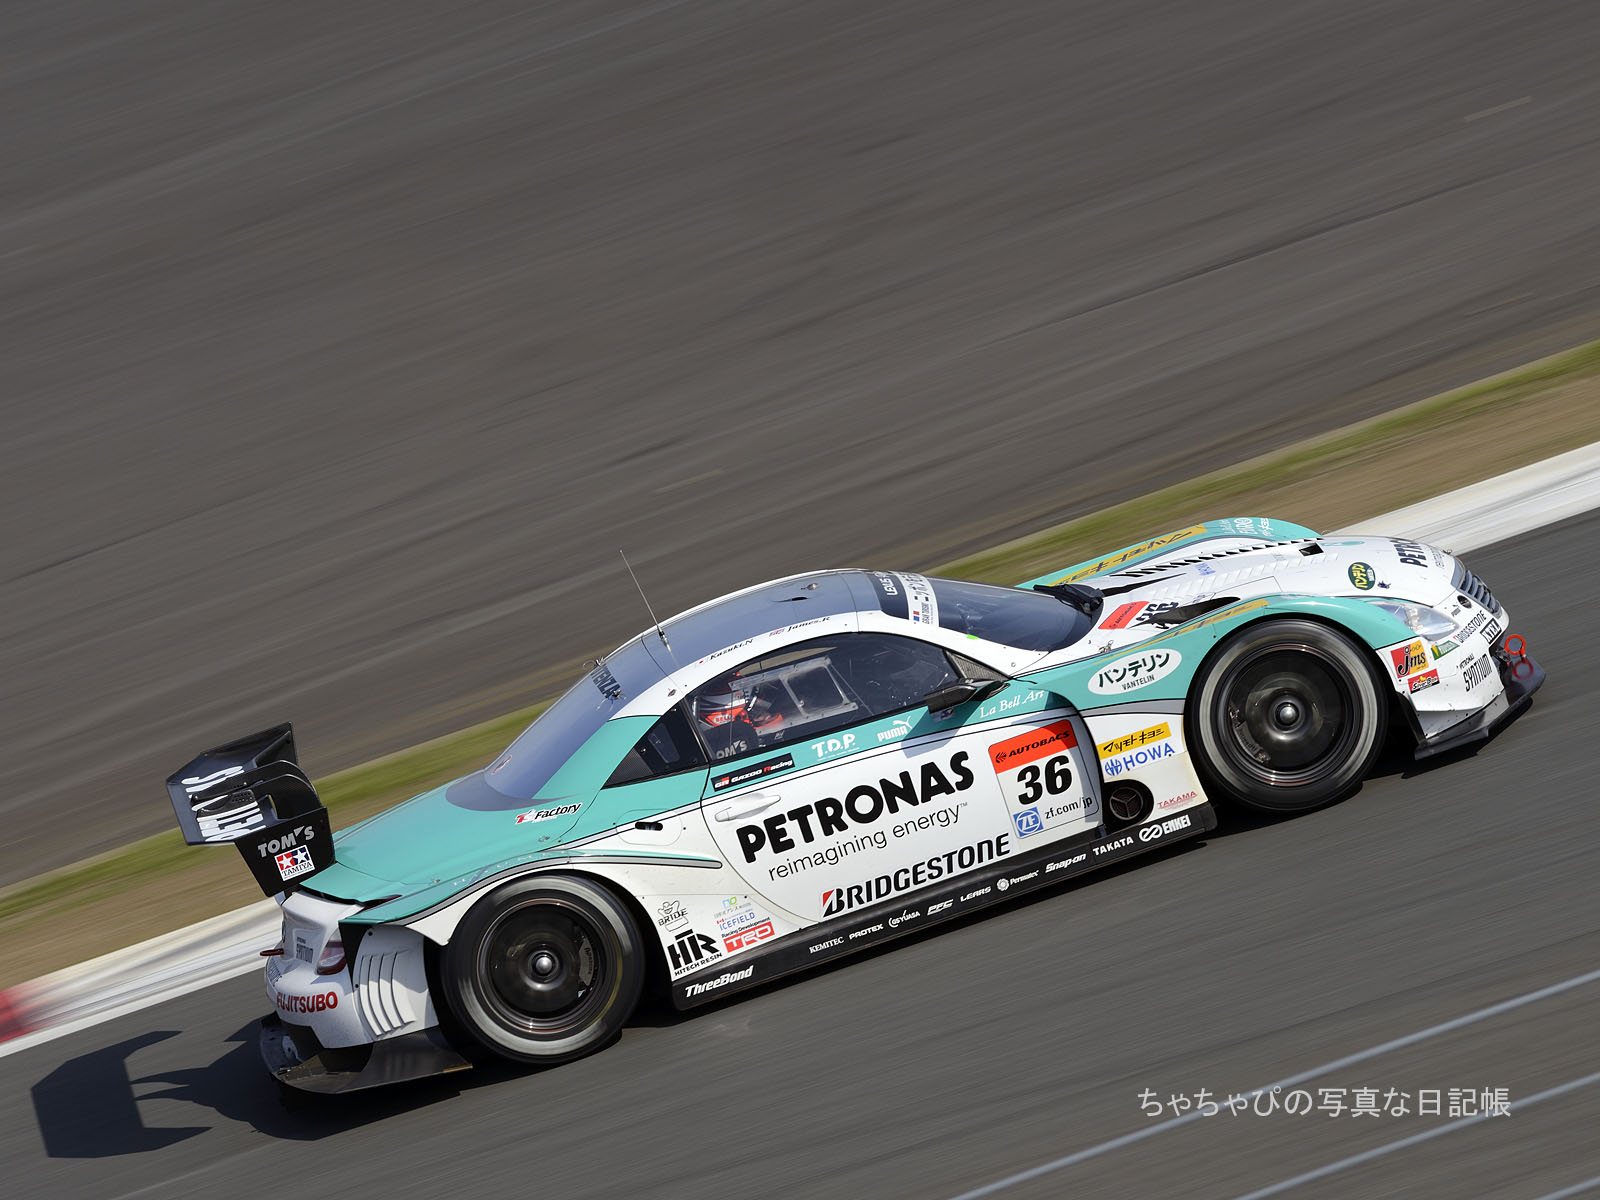 GT500 36号車 PETRONAS TOM'S SC430